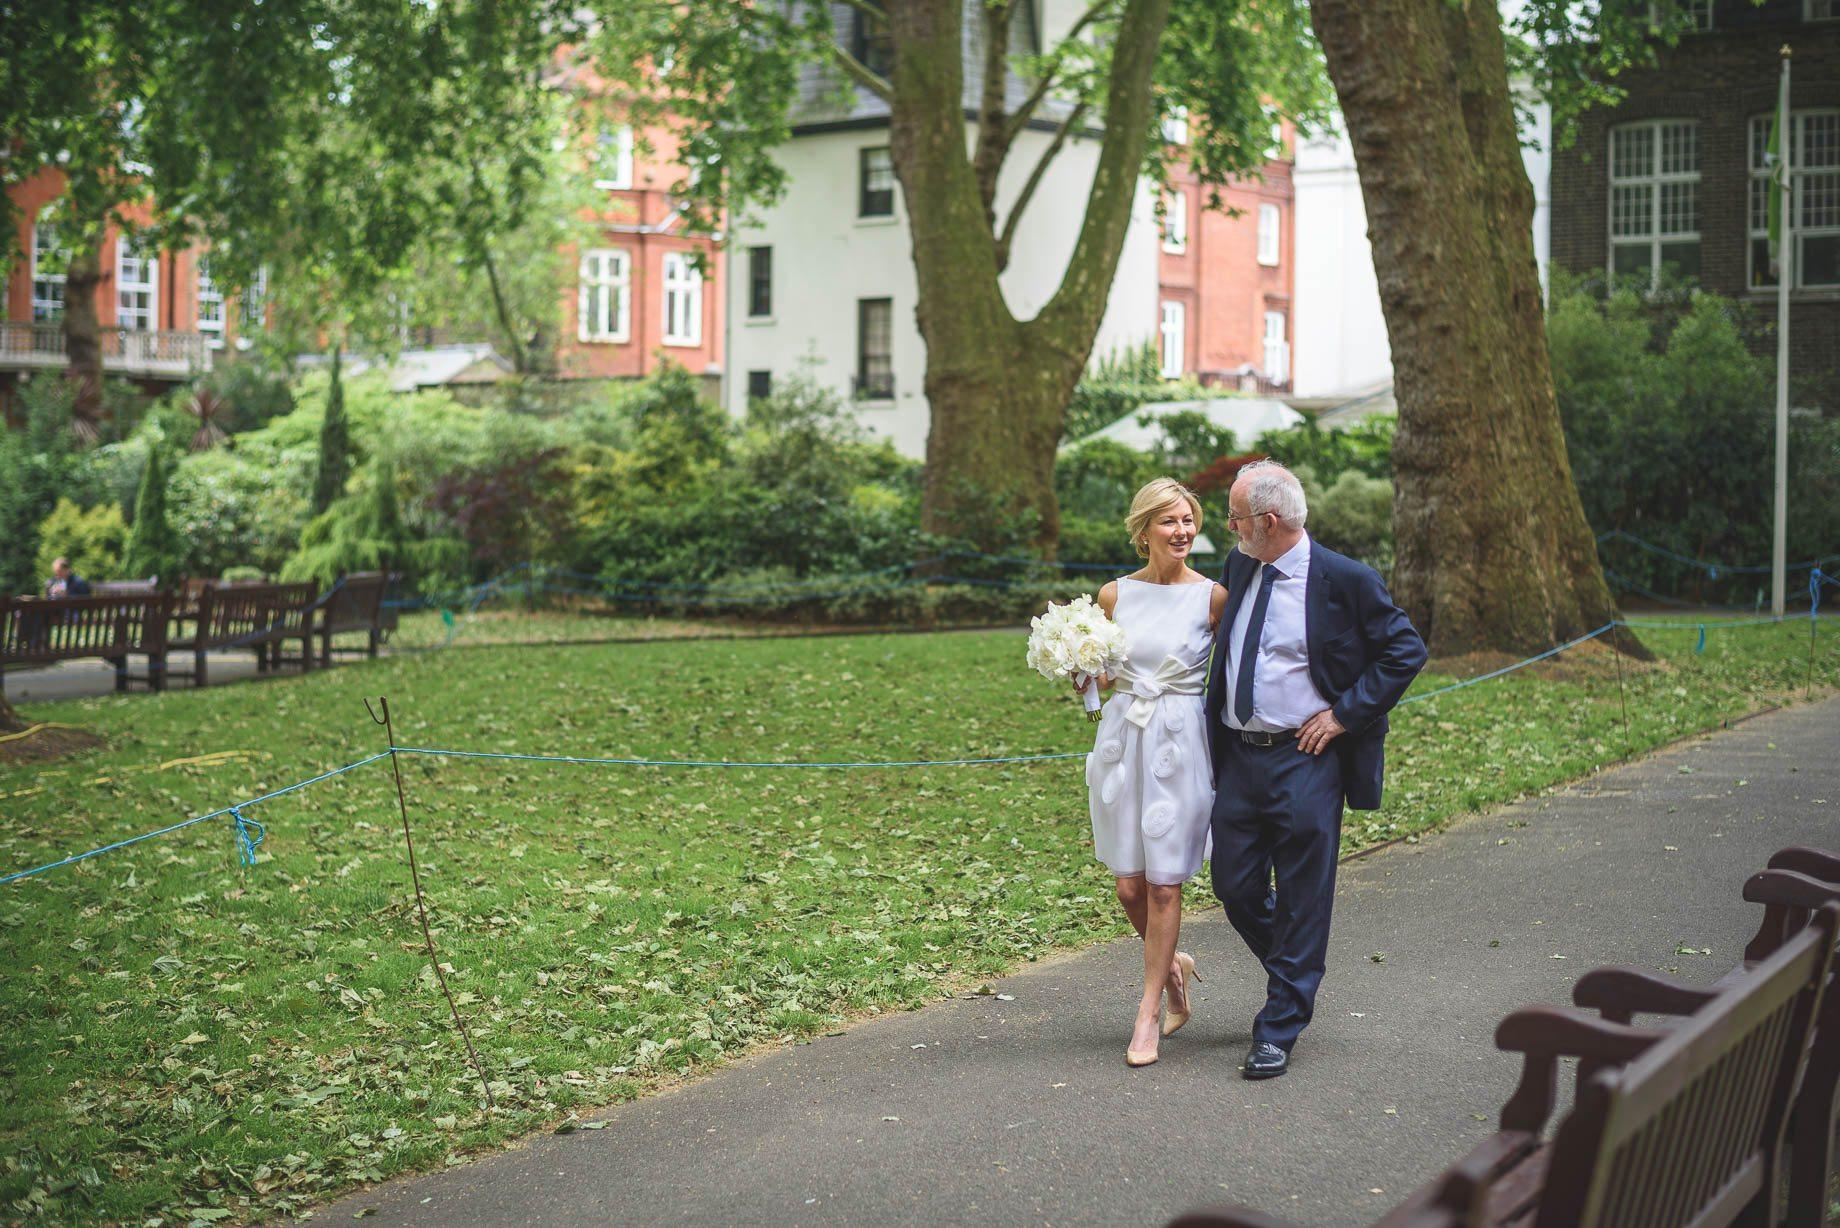 Mayfair wedding photography - Allison and Eugene (56 of 94)